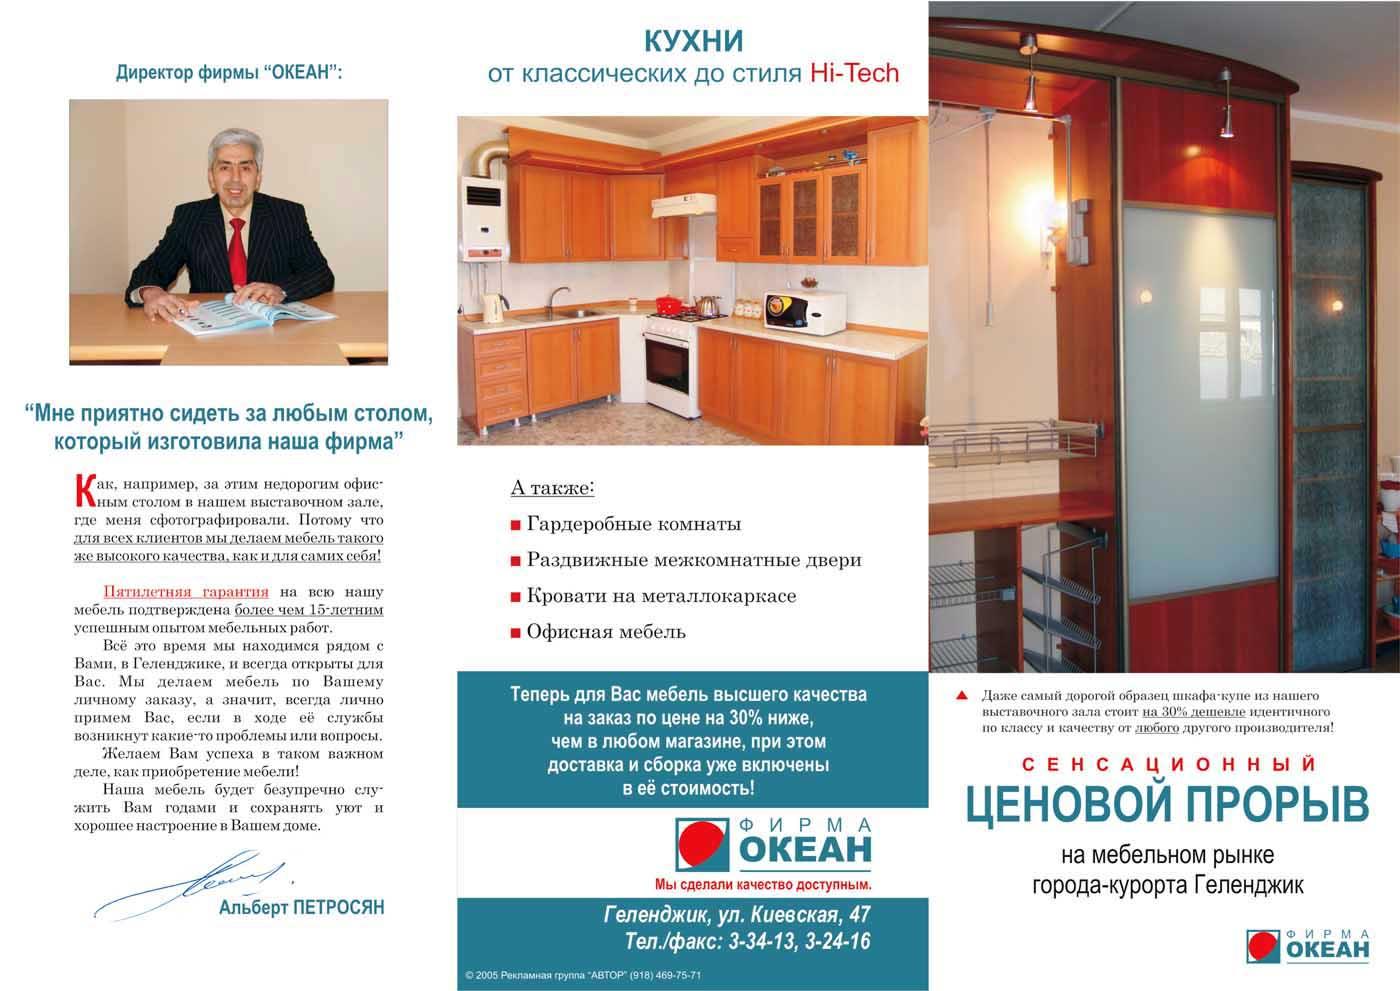 Печатная реклама, Денис Богомолов, мебель «Океан»